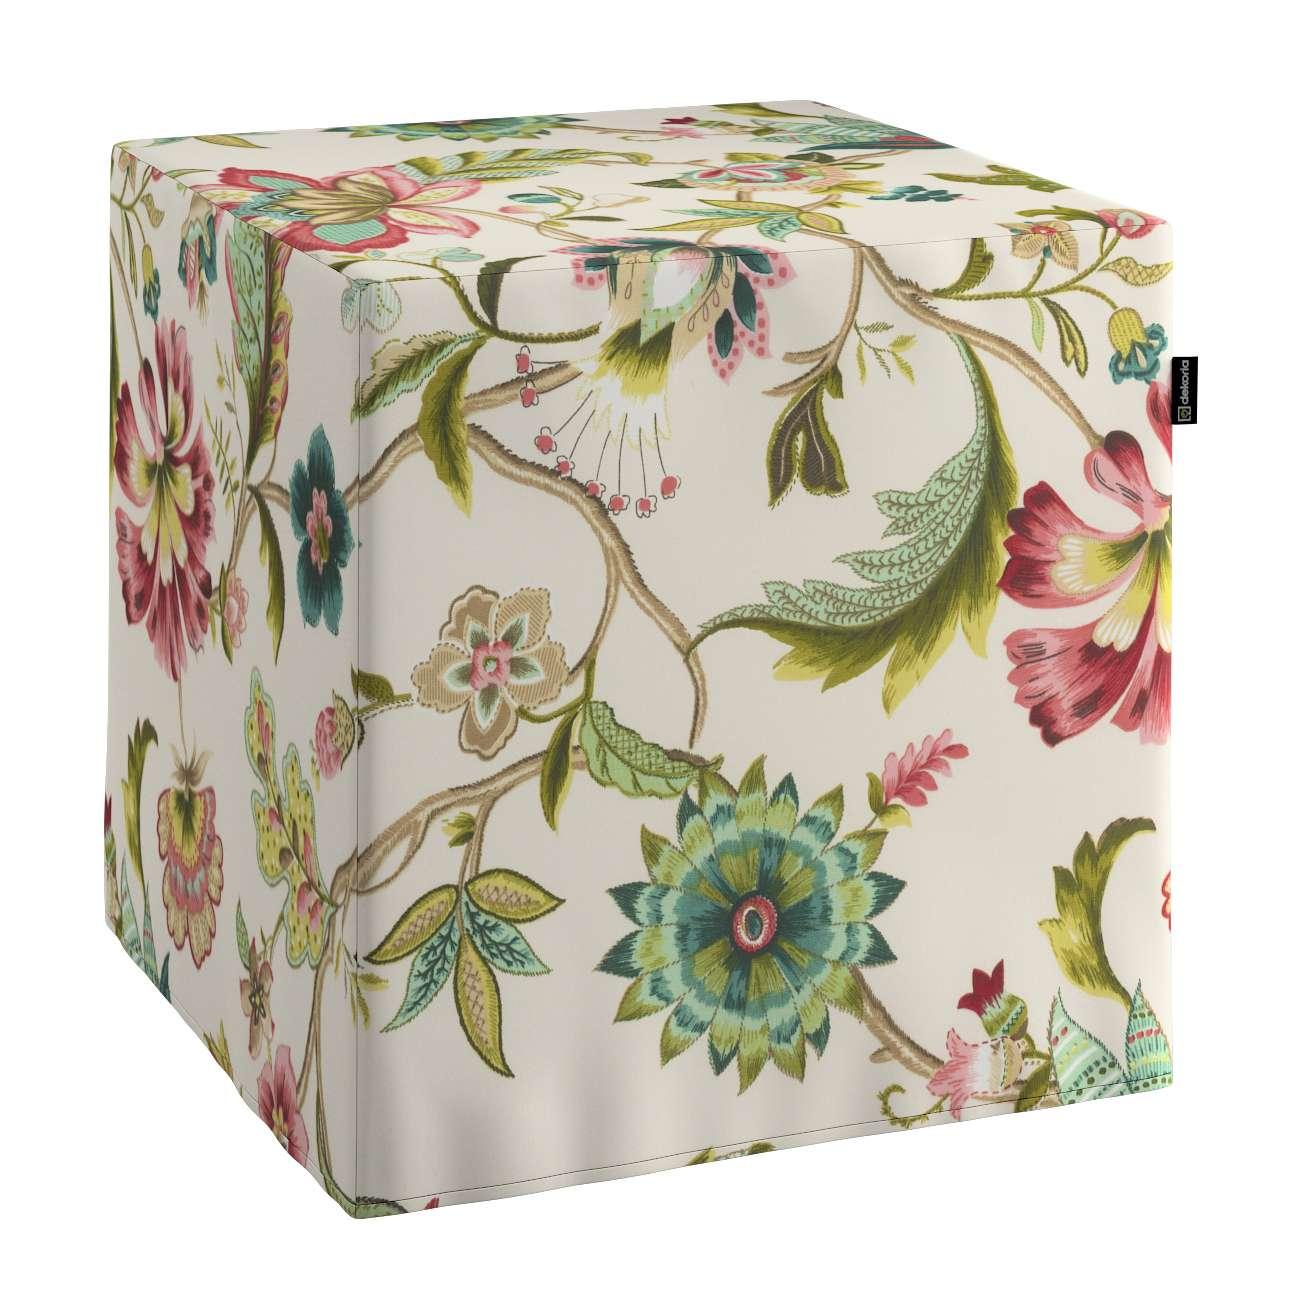 Pokrowiec na pufę kostke w kolekcji Londres, tkanina: 122-00